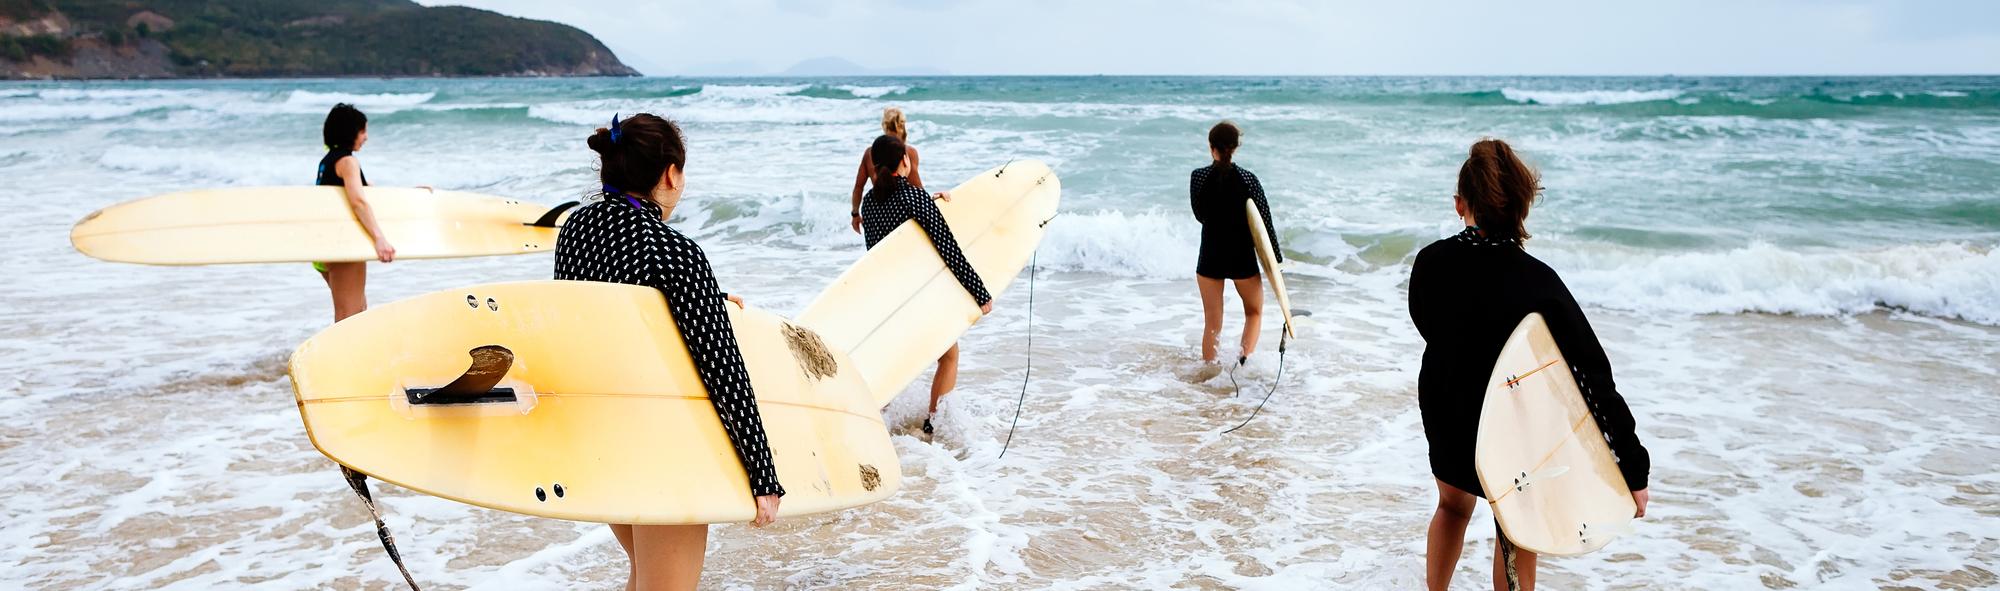 Actieve vakantie - surfen